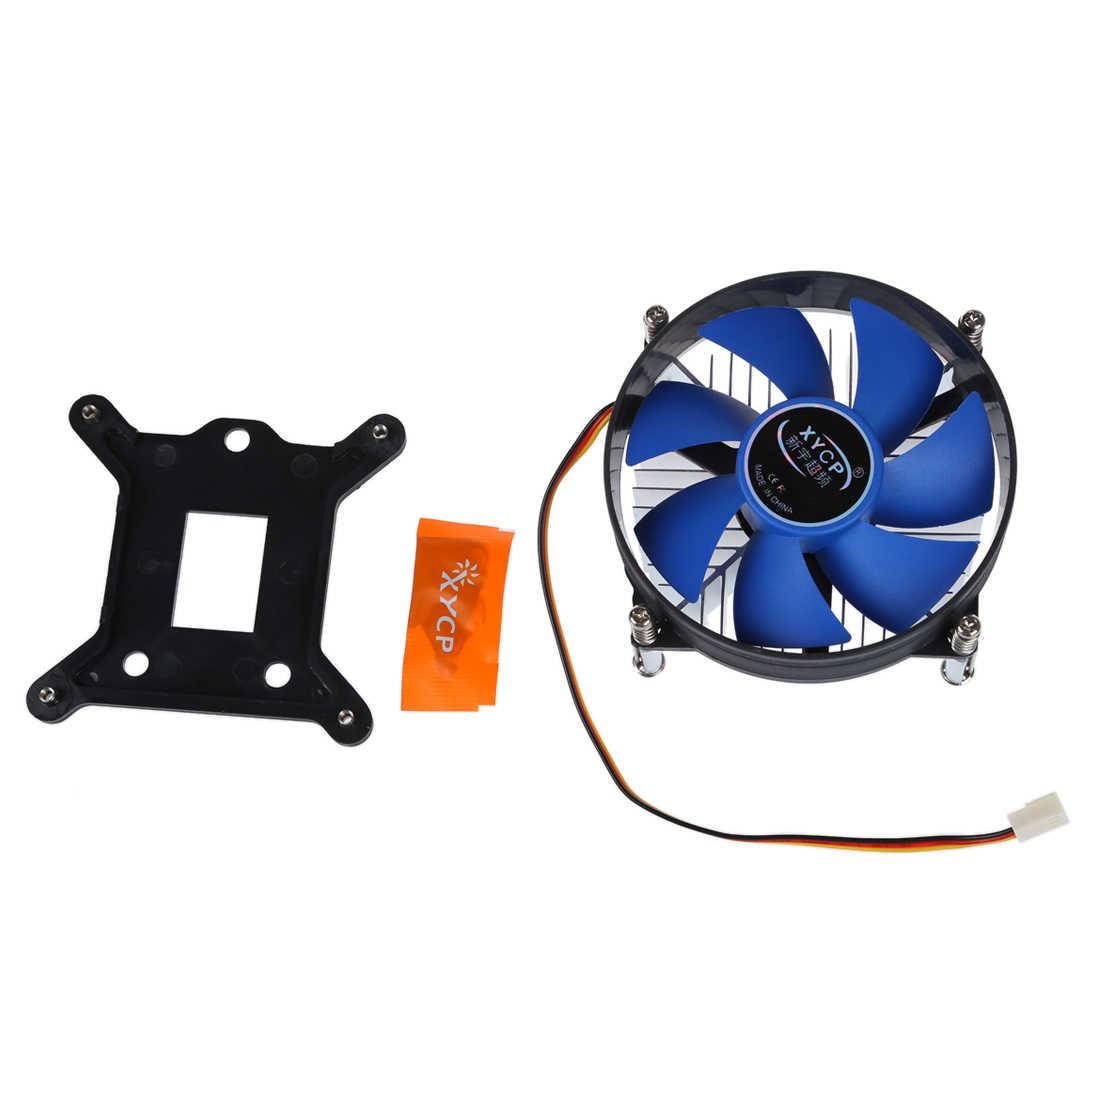 MOOL XYCP Bộ Vi Xử Lý CPU Cooler Tản Nhiệt cho 65 W Intel Socket LGA 1155/1156 Core i3/i5/i7 màu xanh